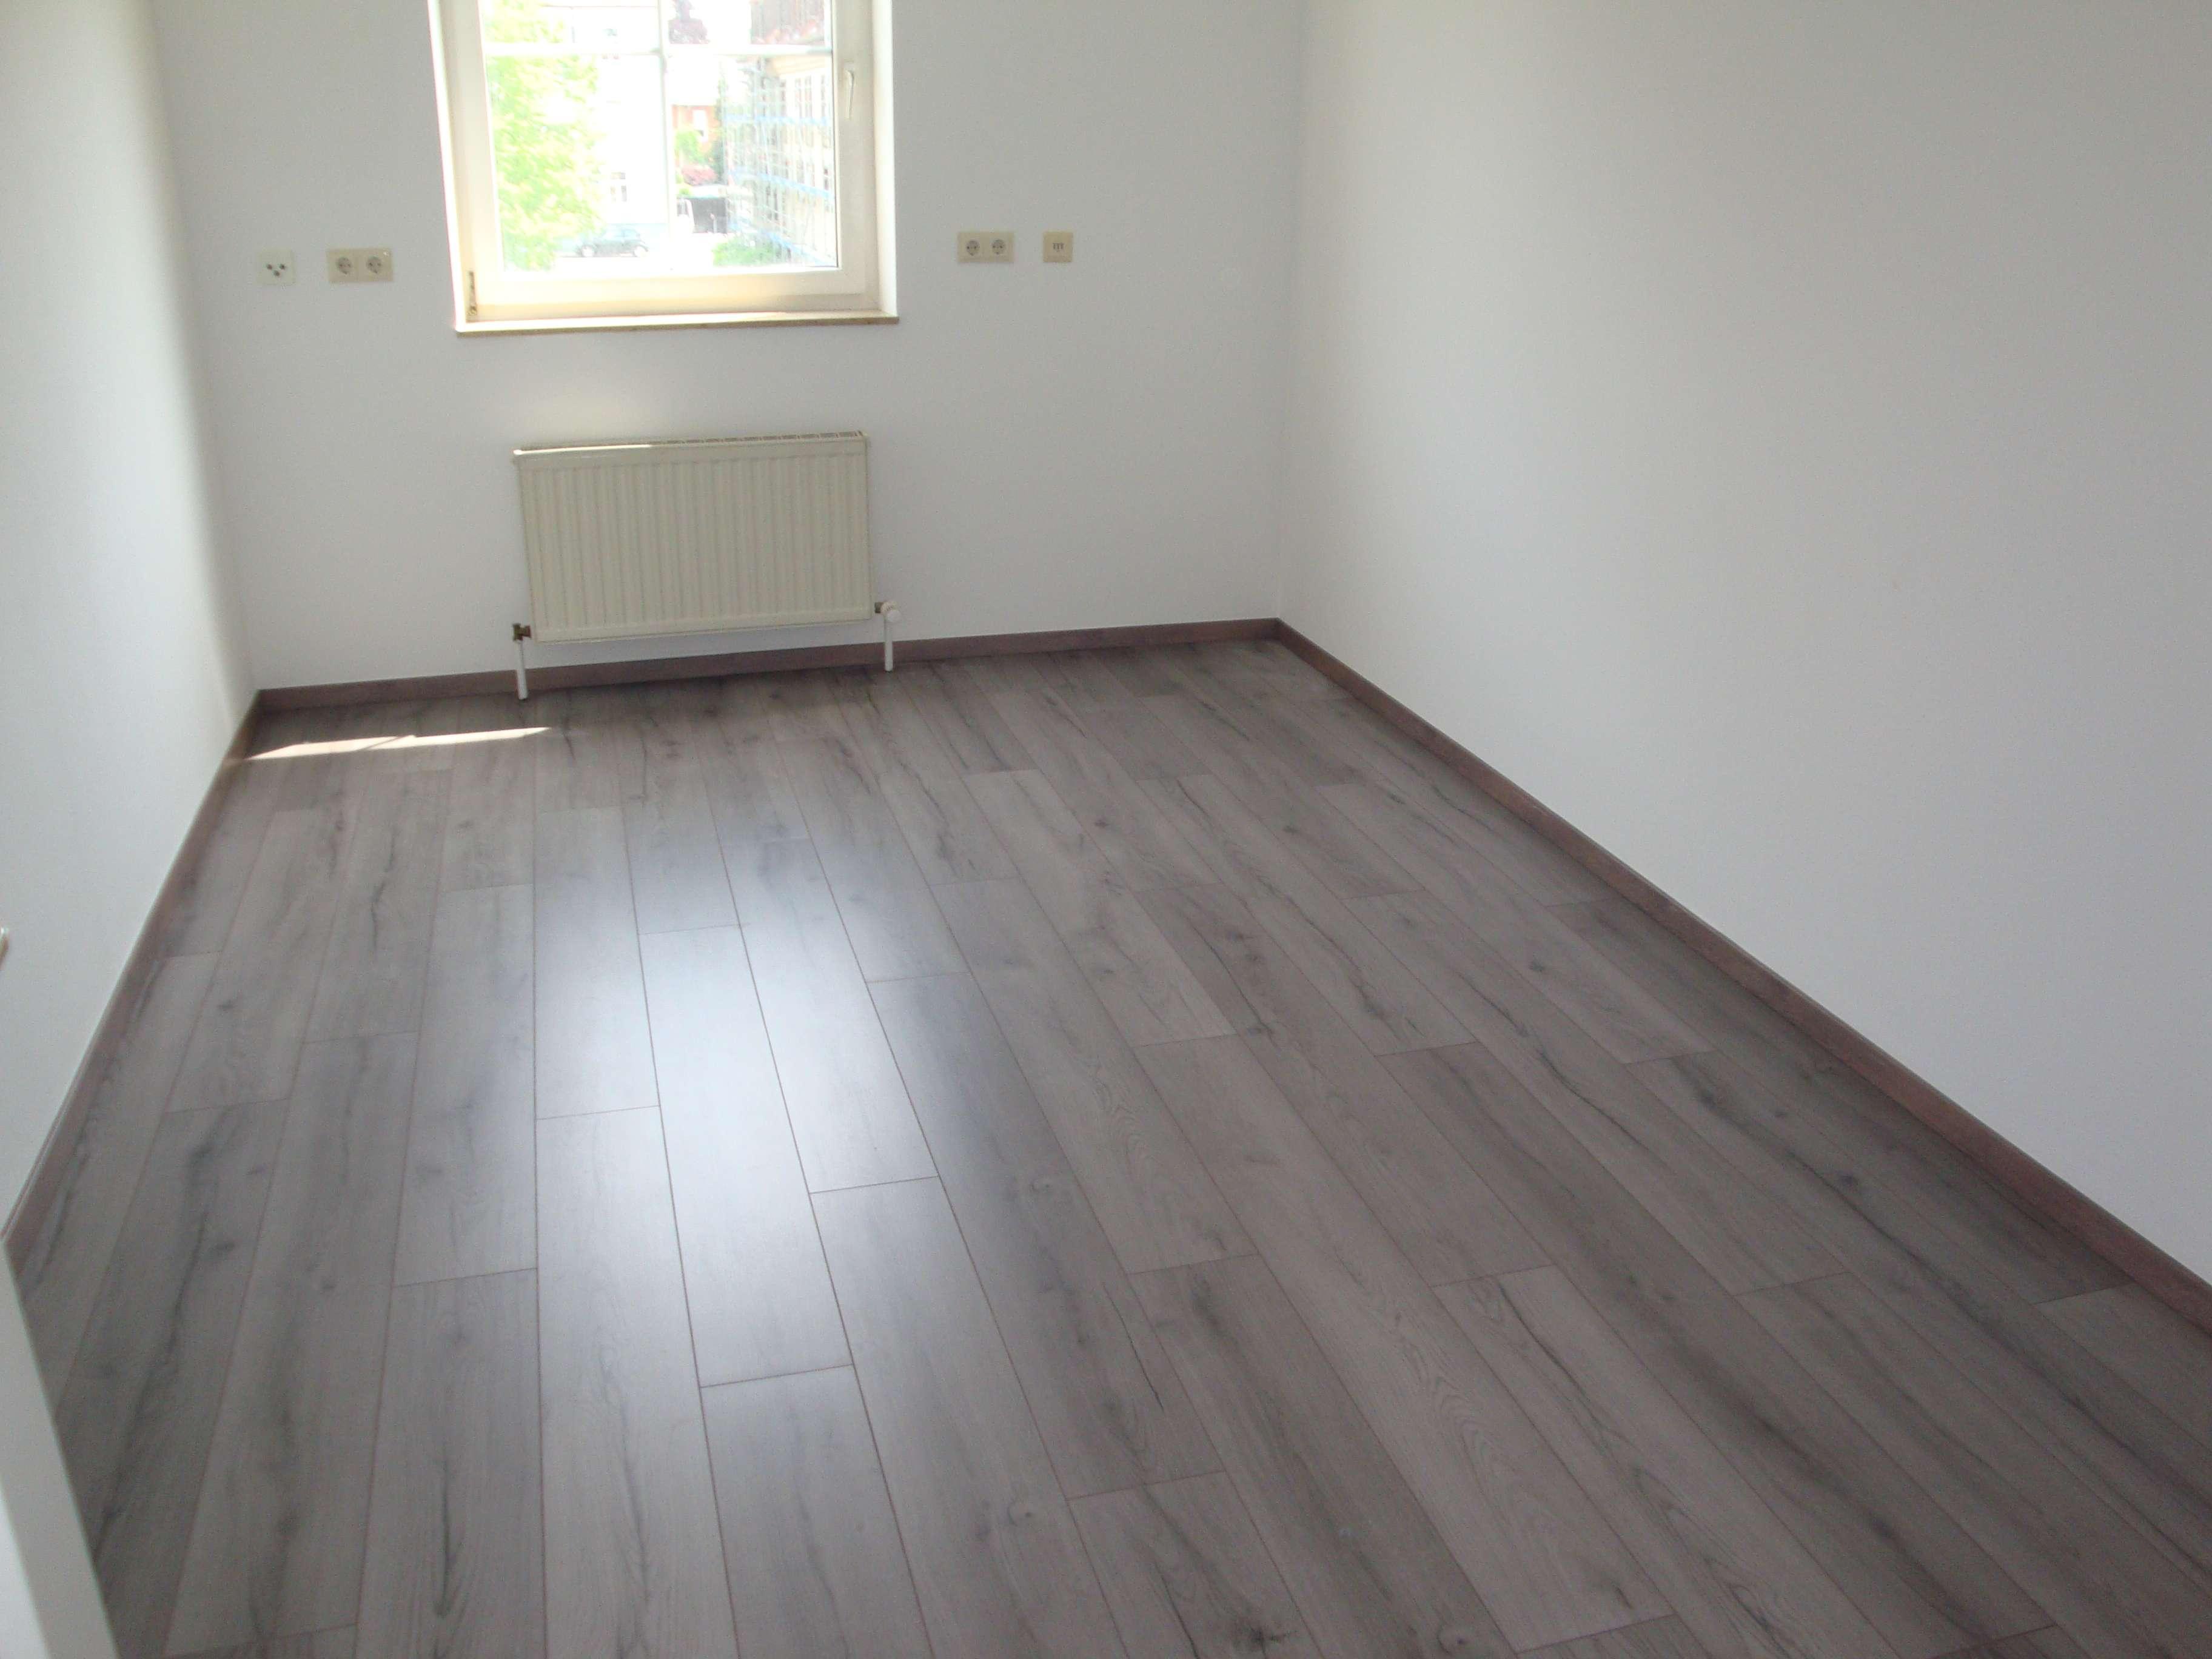 1-Zi.-Wohnung mit Einbauküche, Wfl. ca. 18 m²